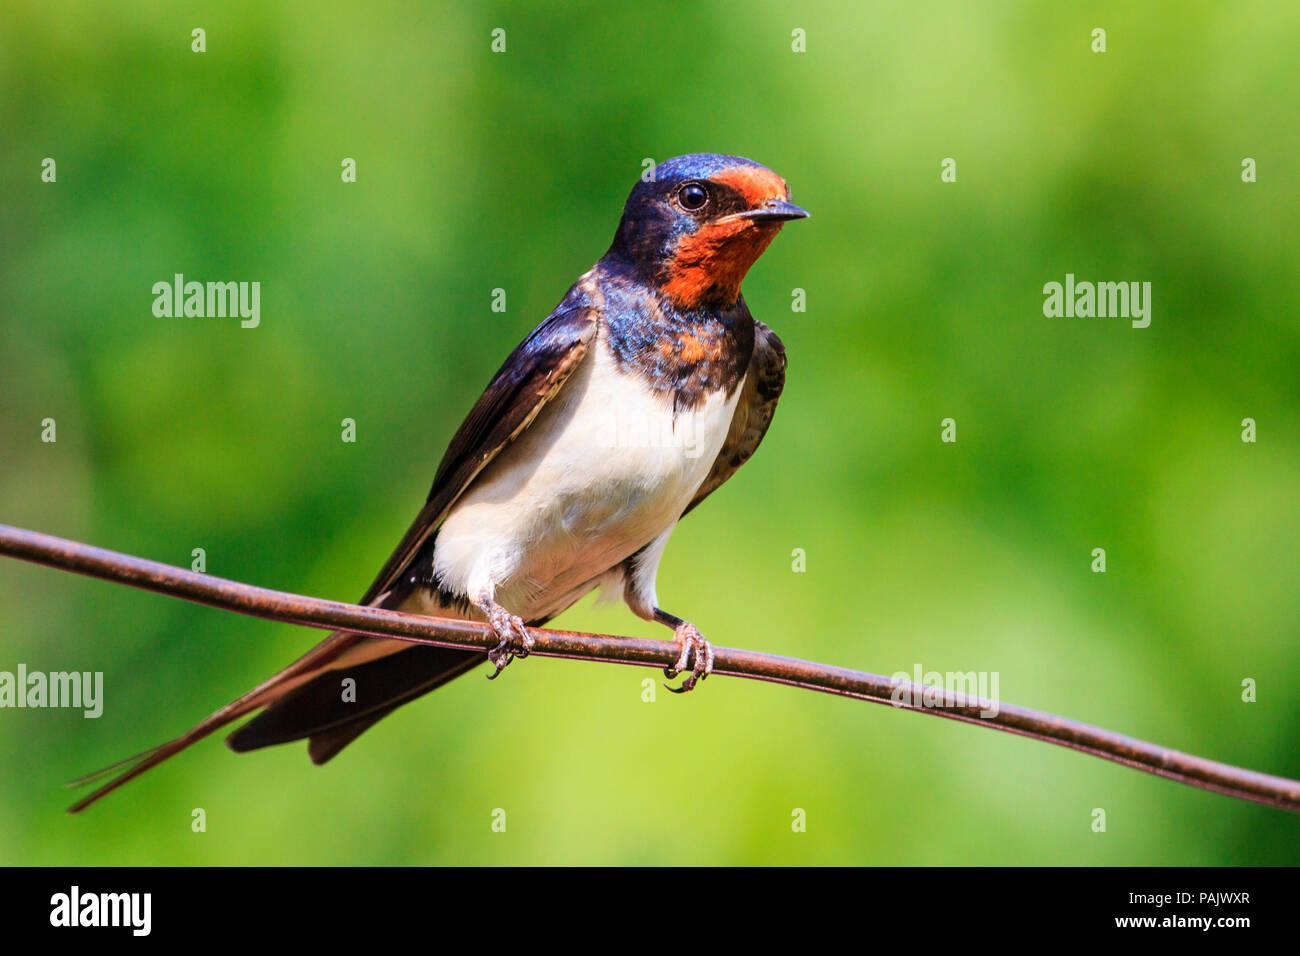 Vogel mit einem roten Maske sitzt auf einem Draht Stockbild